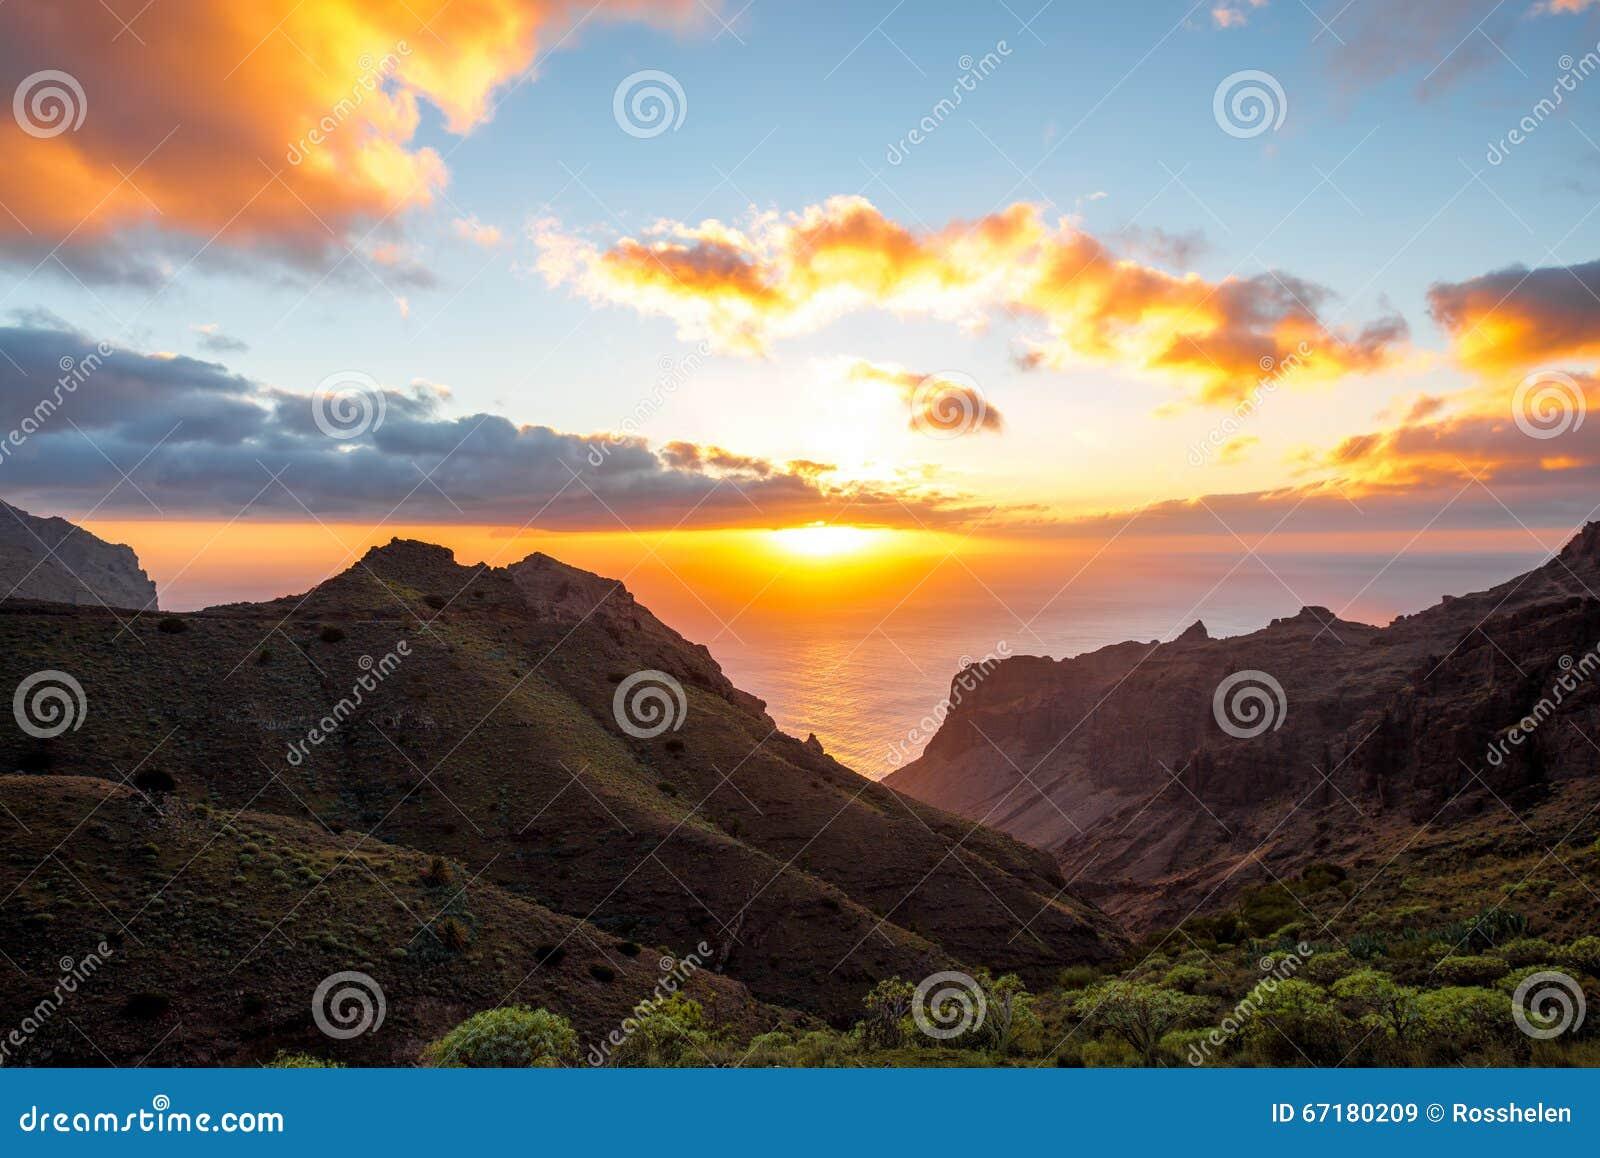 La Gomera island lanscape view